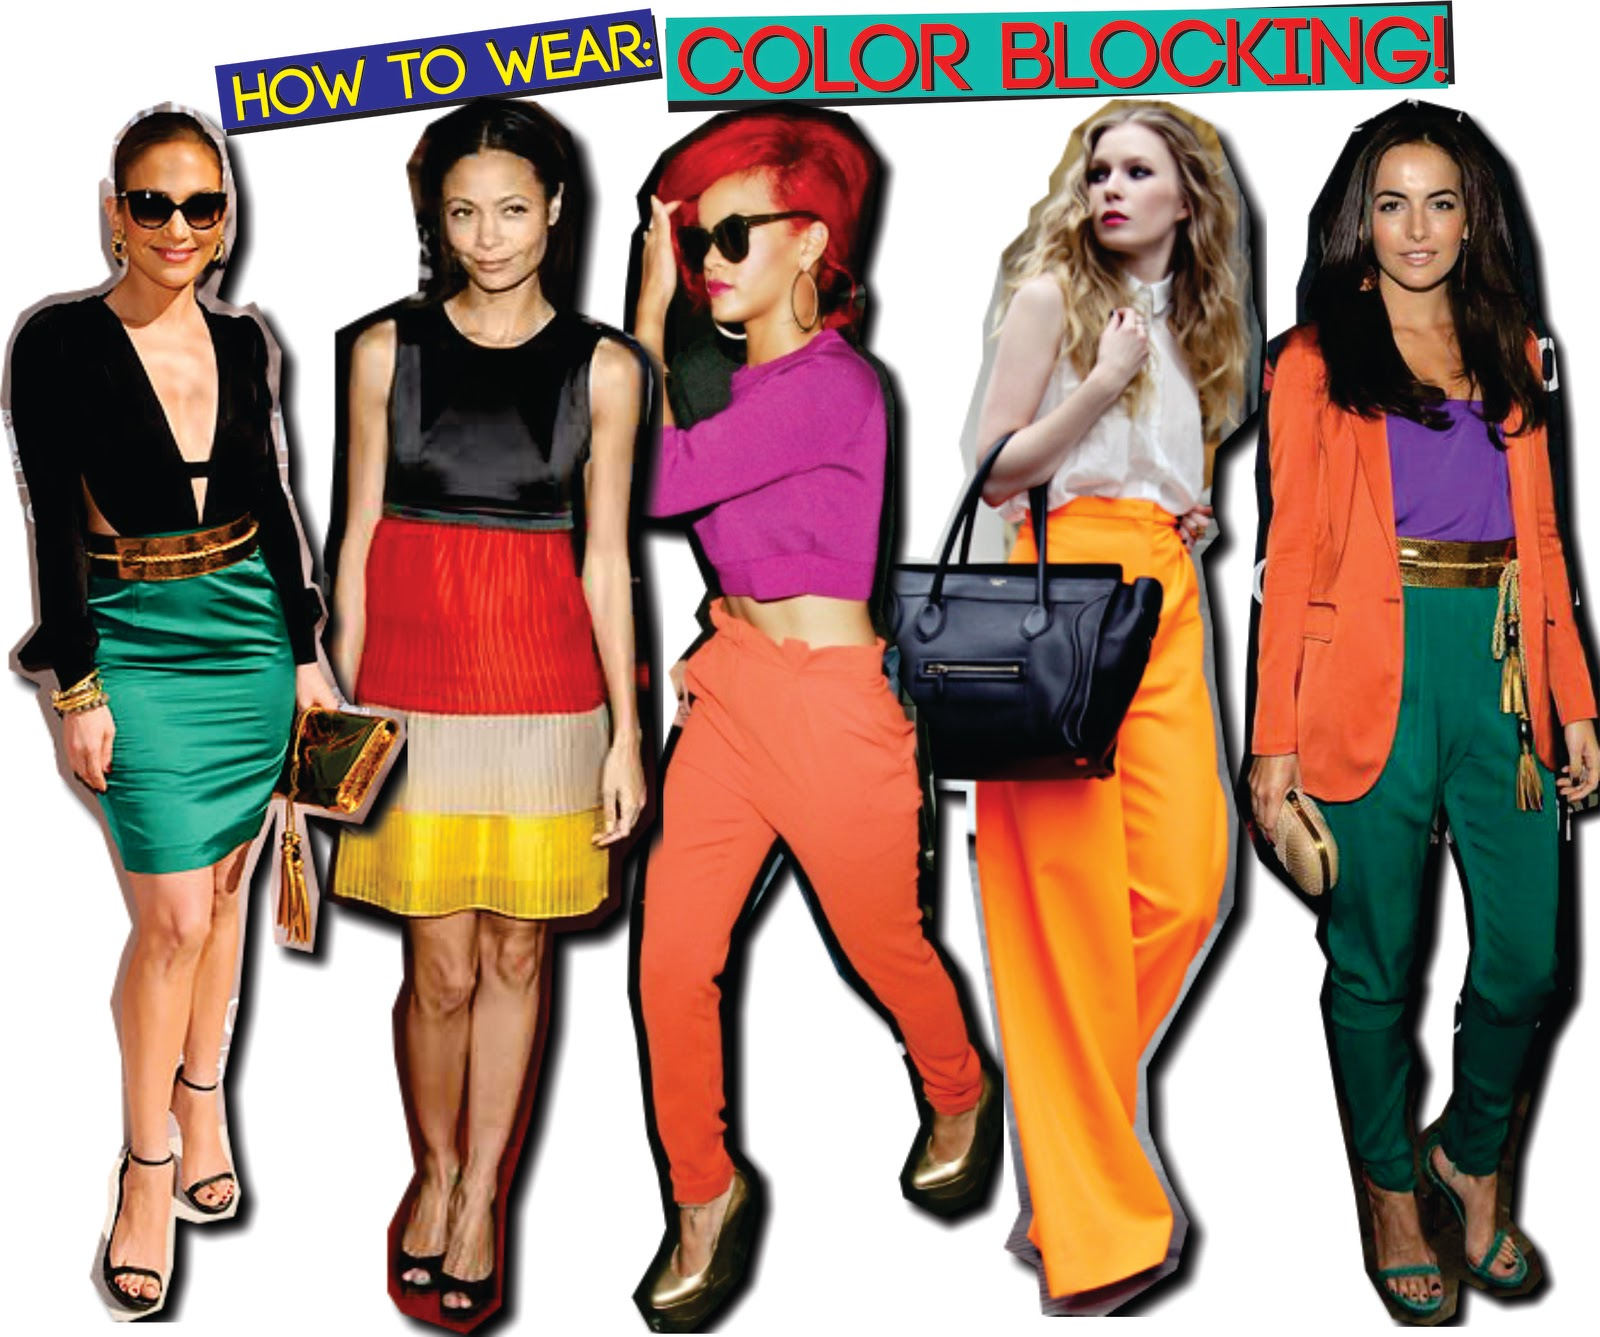 http://2.bp.blogspot.com/-rzN5rmRUwks/TmpZzP8khYI/AAAAAAAAAF8/CCiHyJwDfjo/s1600/colorblocking2.jpg